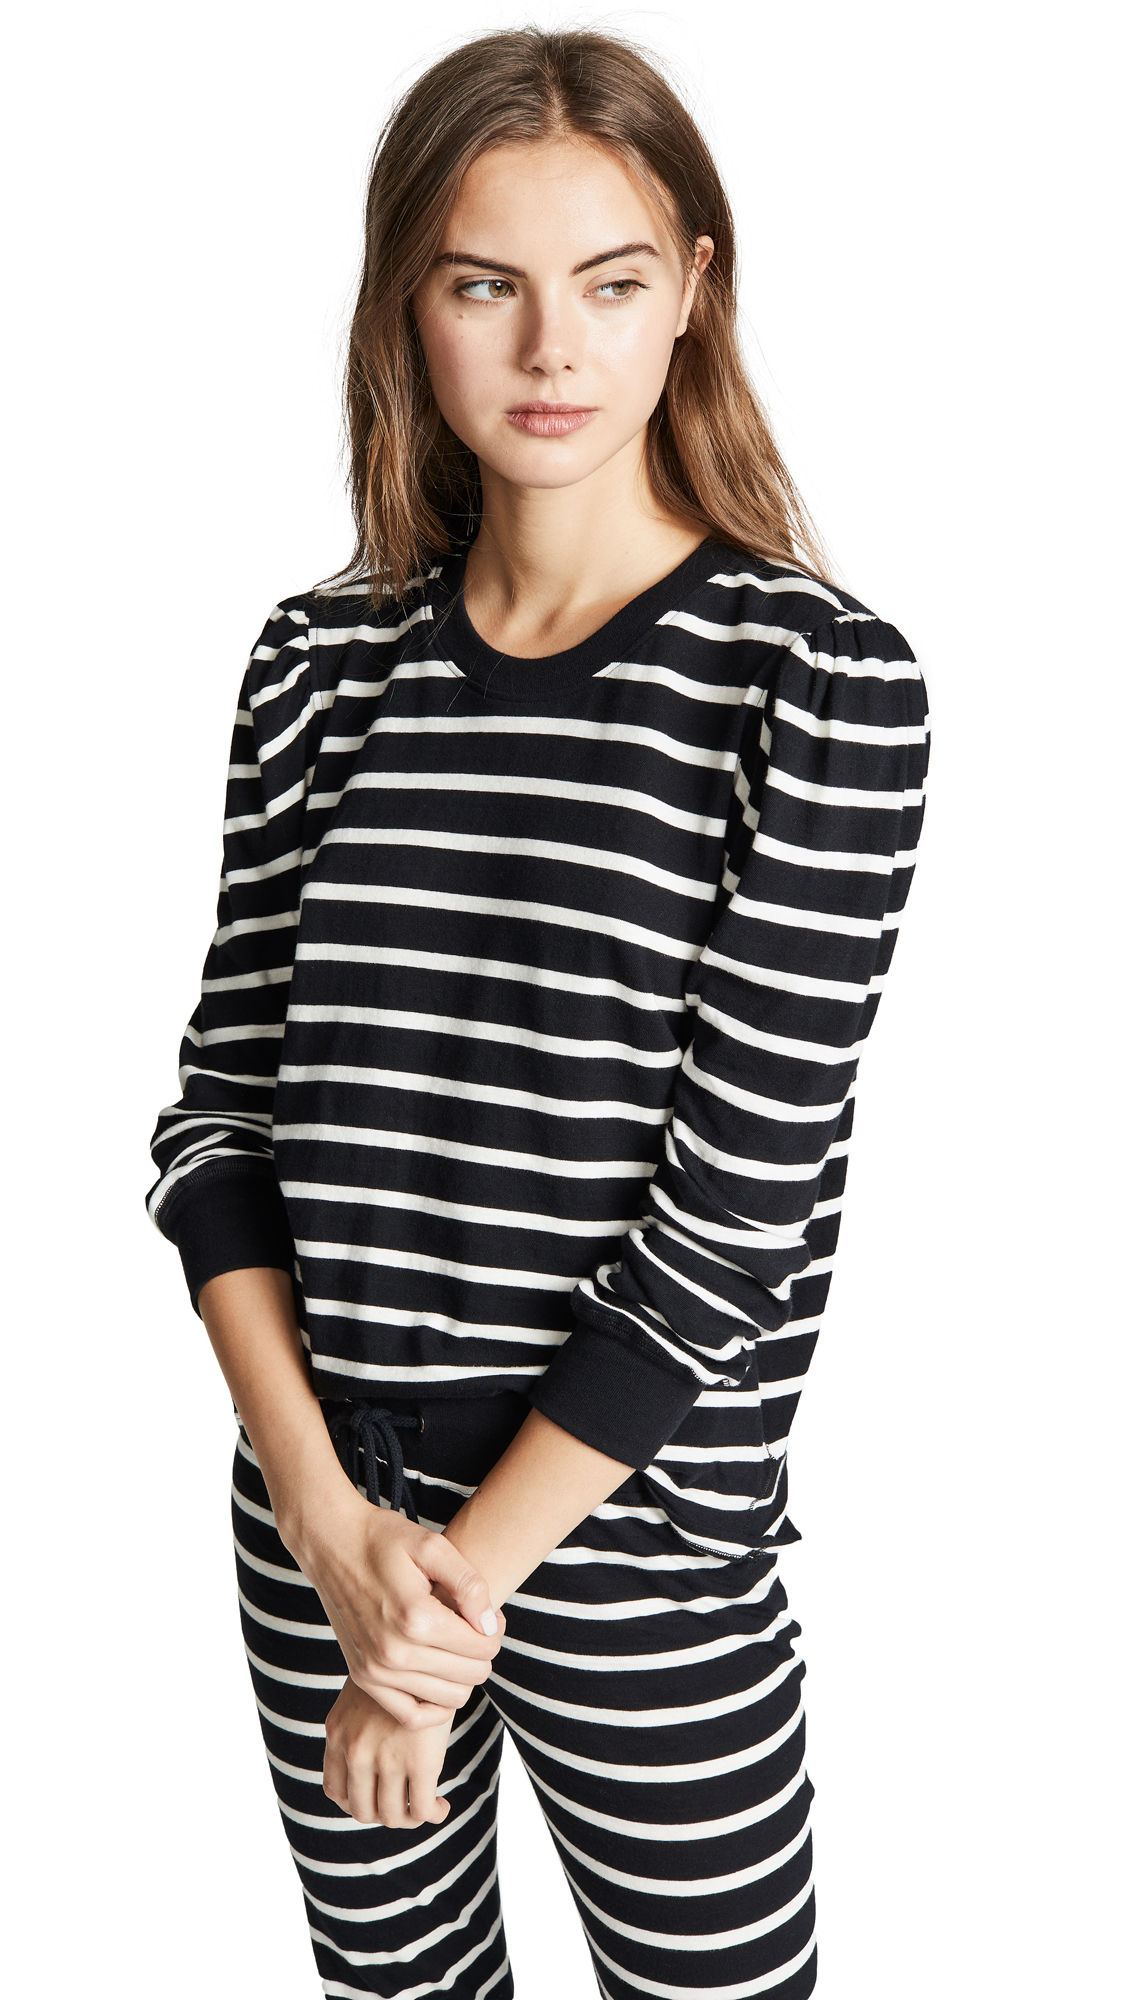 David Lerner Vanessa Top In Black/White Stripe